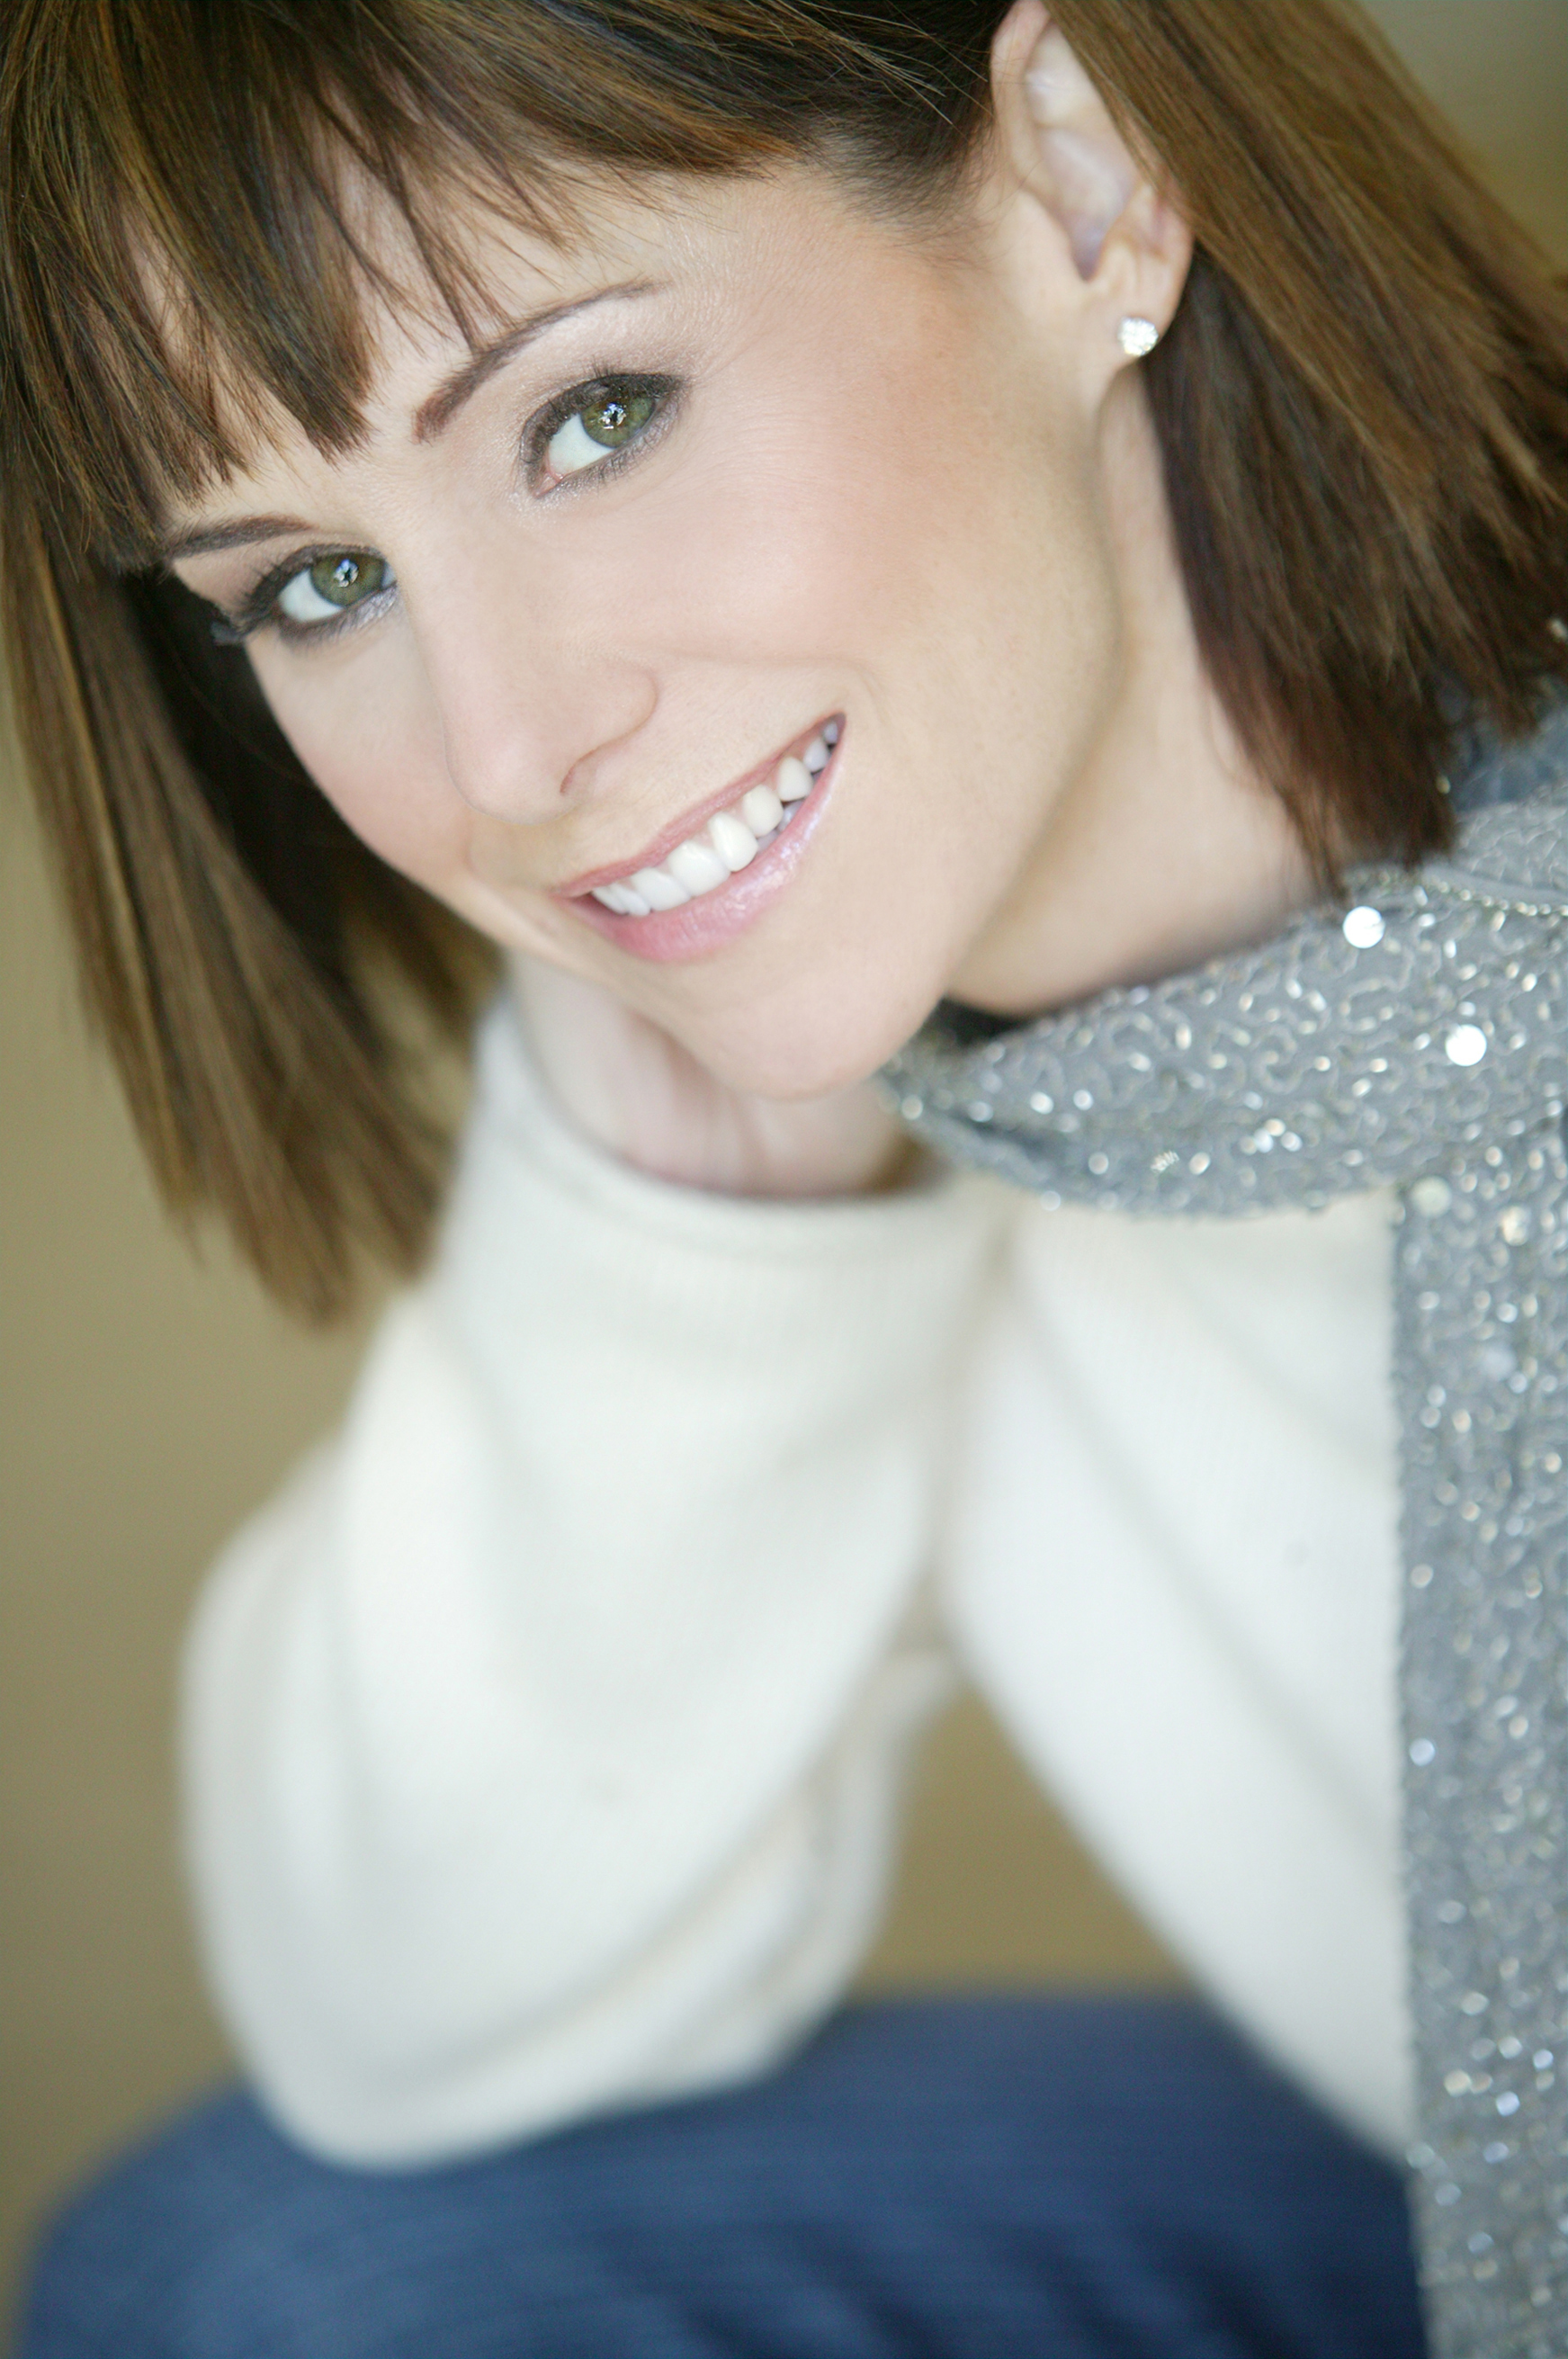 Jo Harvey Allen,Roxie Roker Hot movies Tovah Feldshuh,Sofia Vassilieva born October 22, 1992 (age 26)